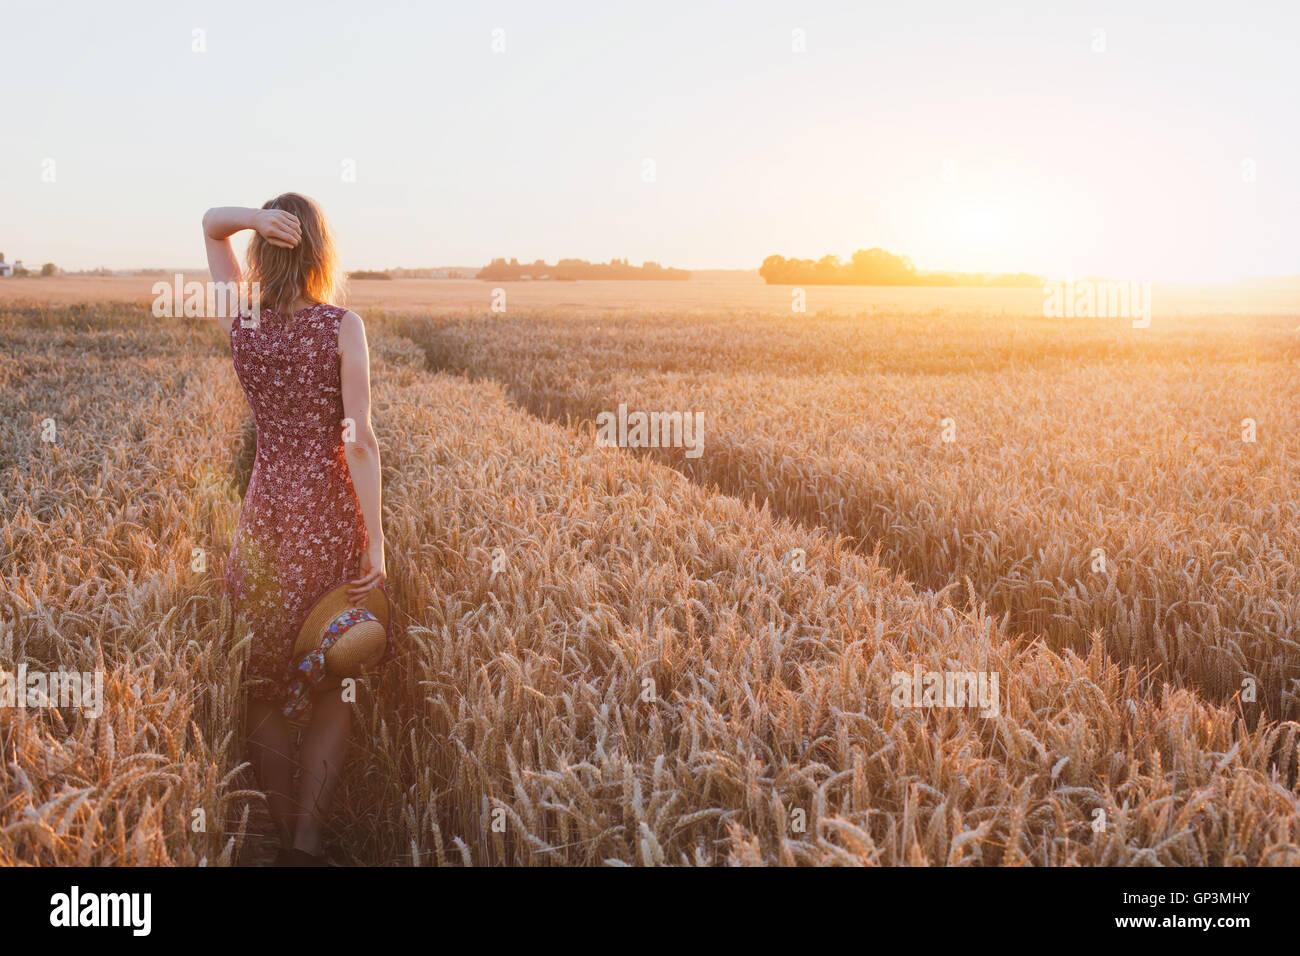 Ispirazione o il concetto di attesa, felice bella giovane donna nel campo del tramonto, sogno Immagini Stock